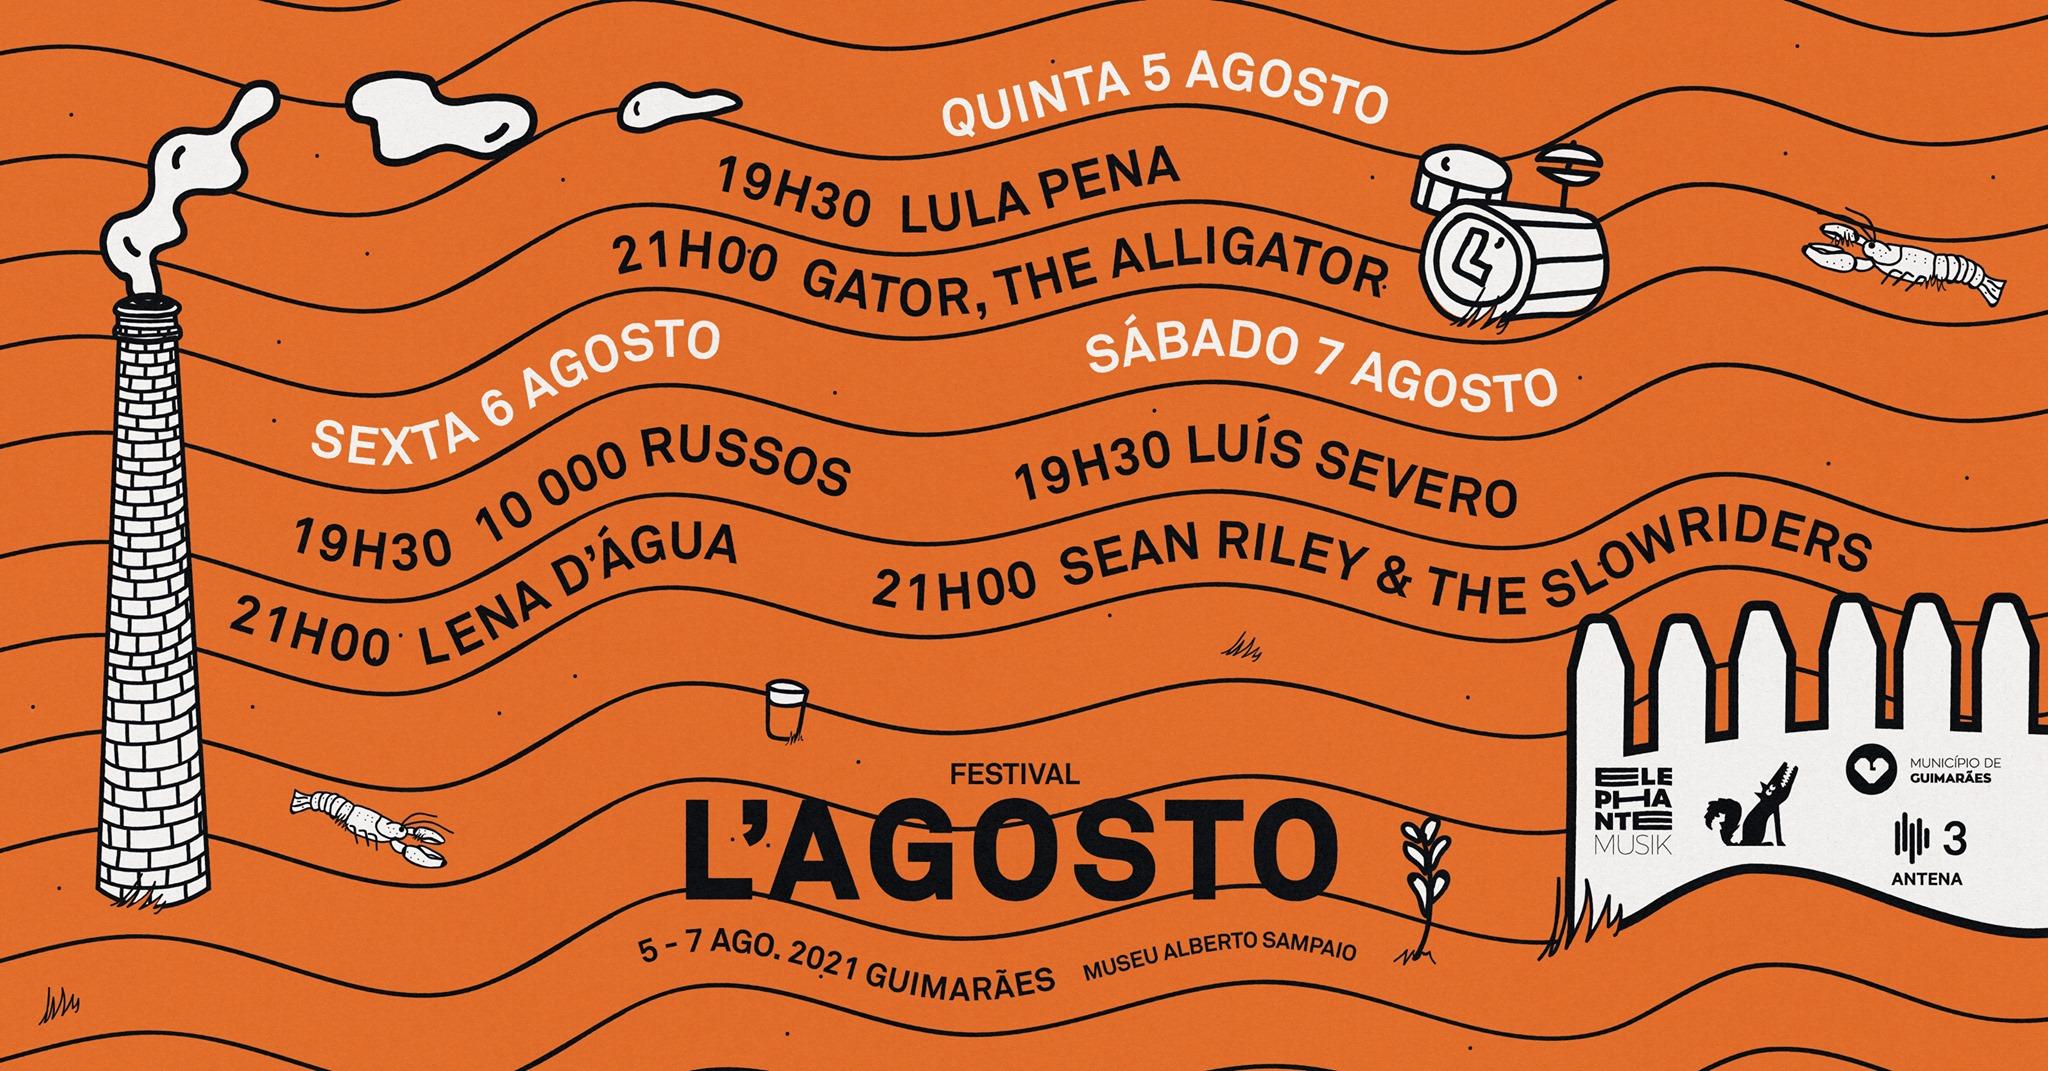 Festival L'Agosto 2021